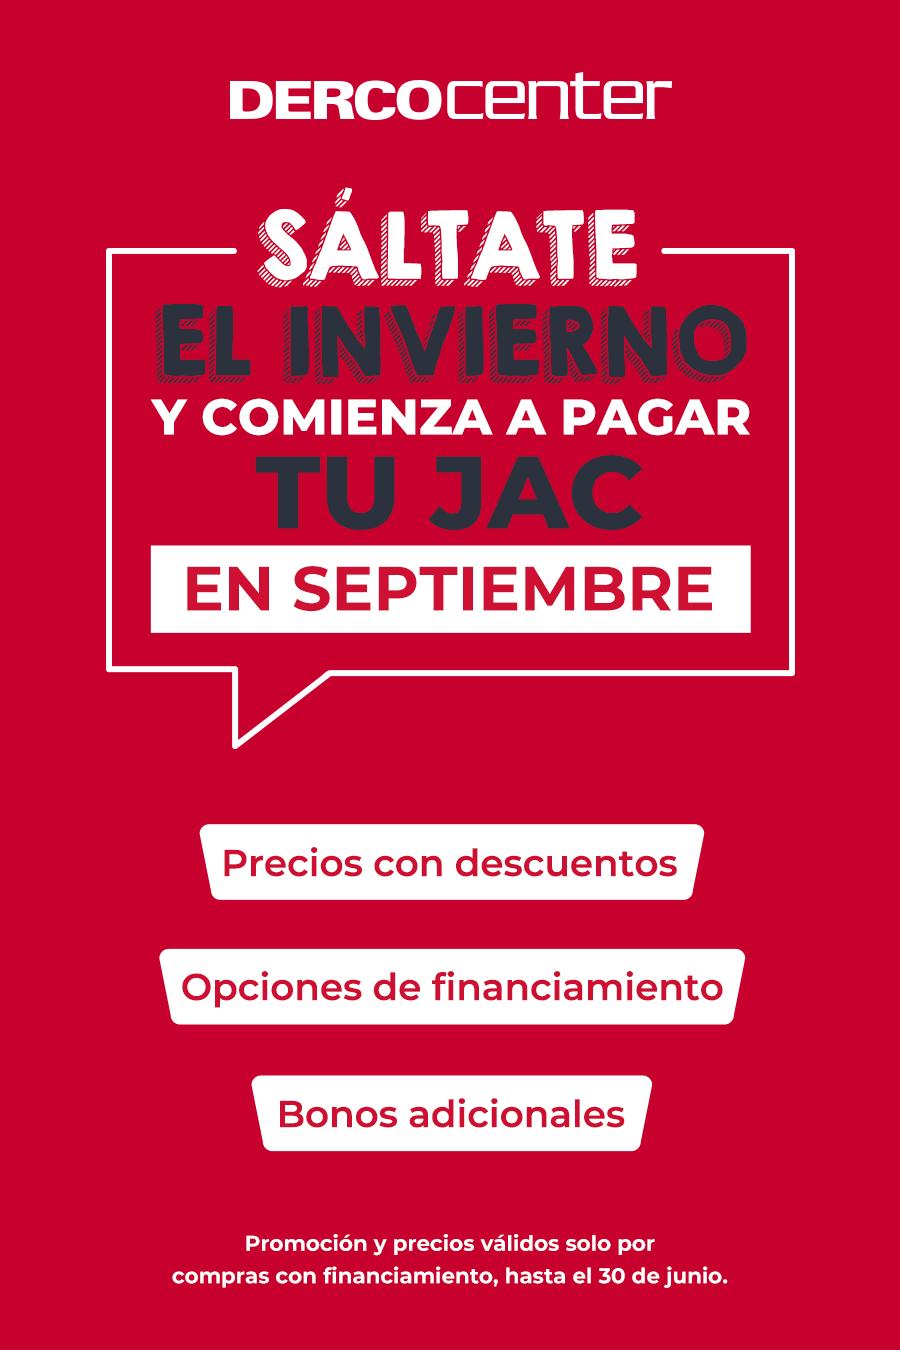 banner-campana-saltate-el-invierno-jacautos-mobile